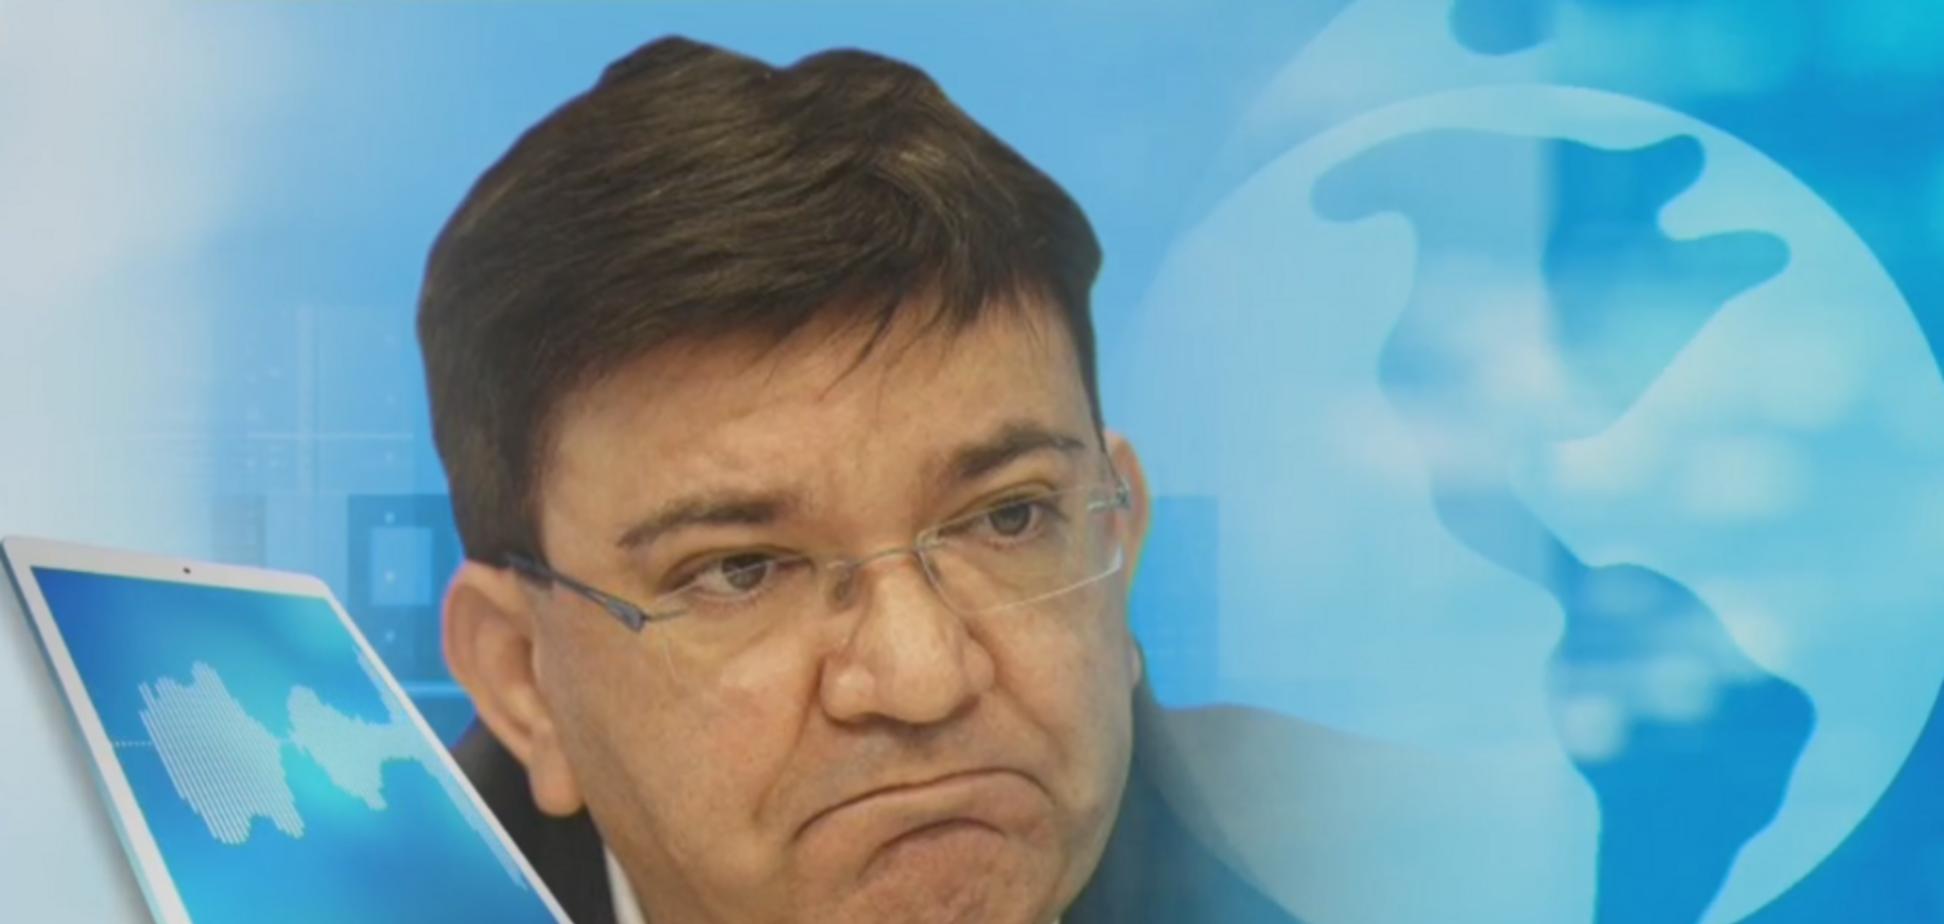 Аваков своим непрофессионализмом развалил МВД –  правозащитник